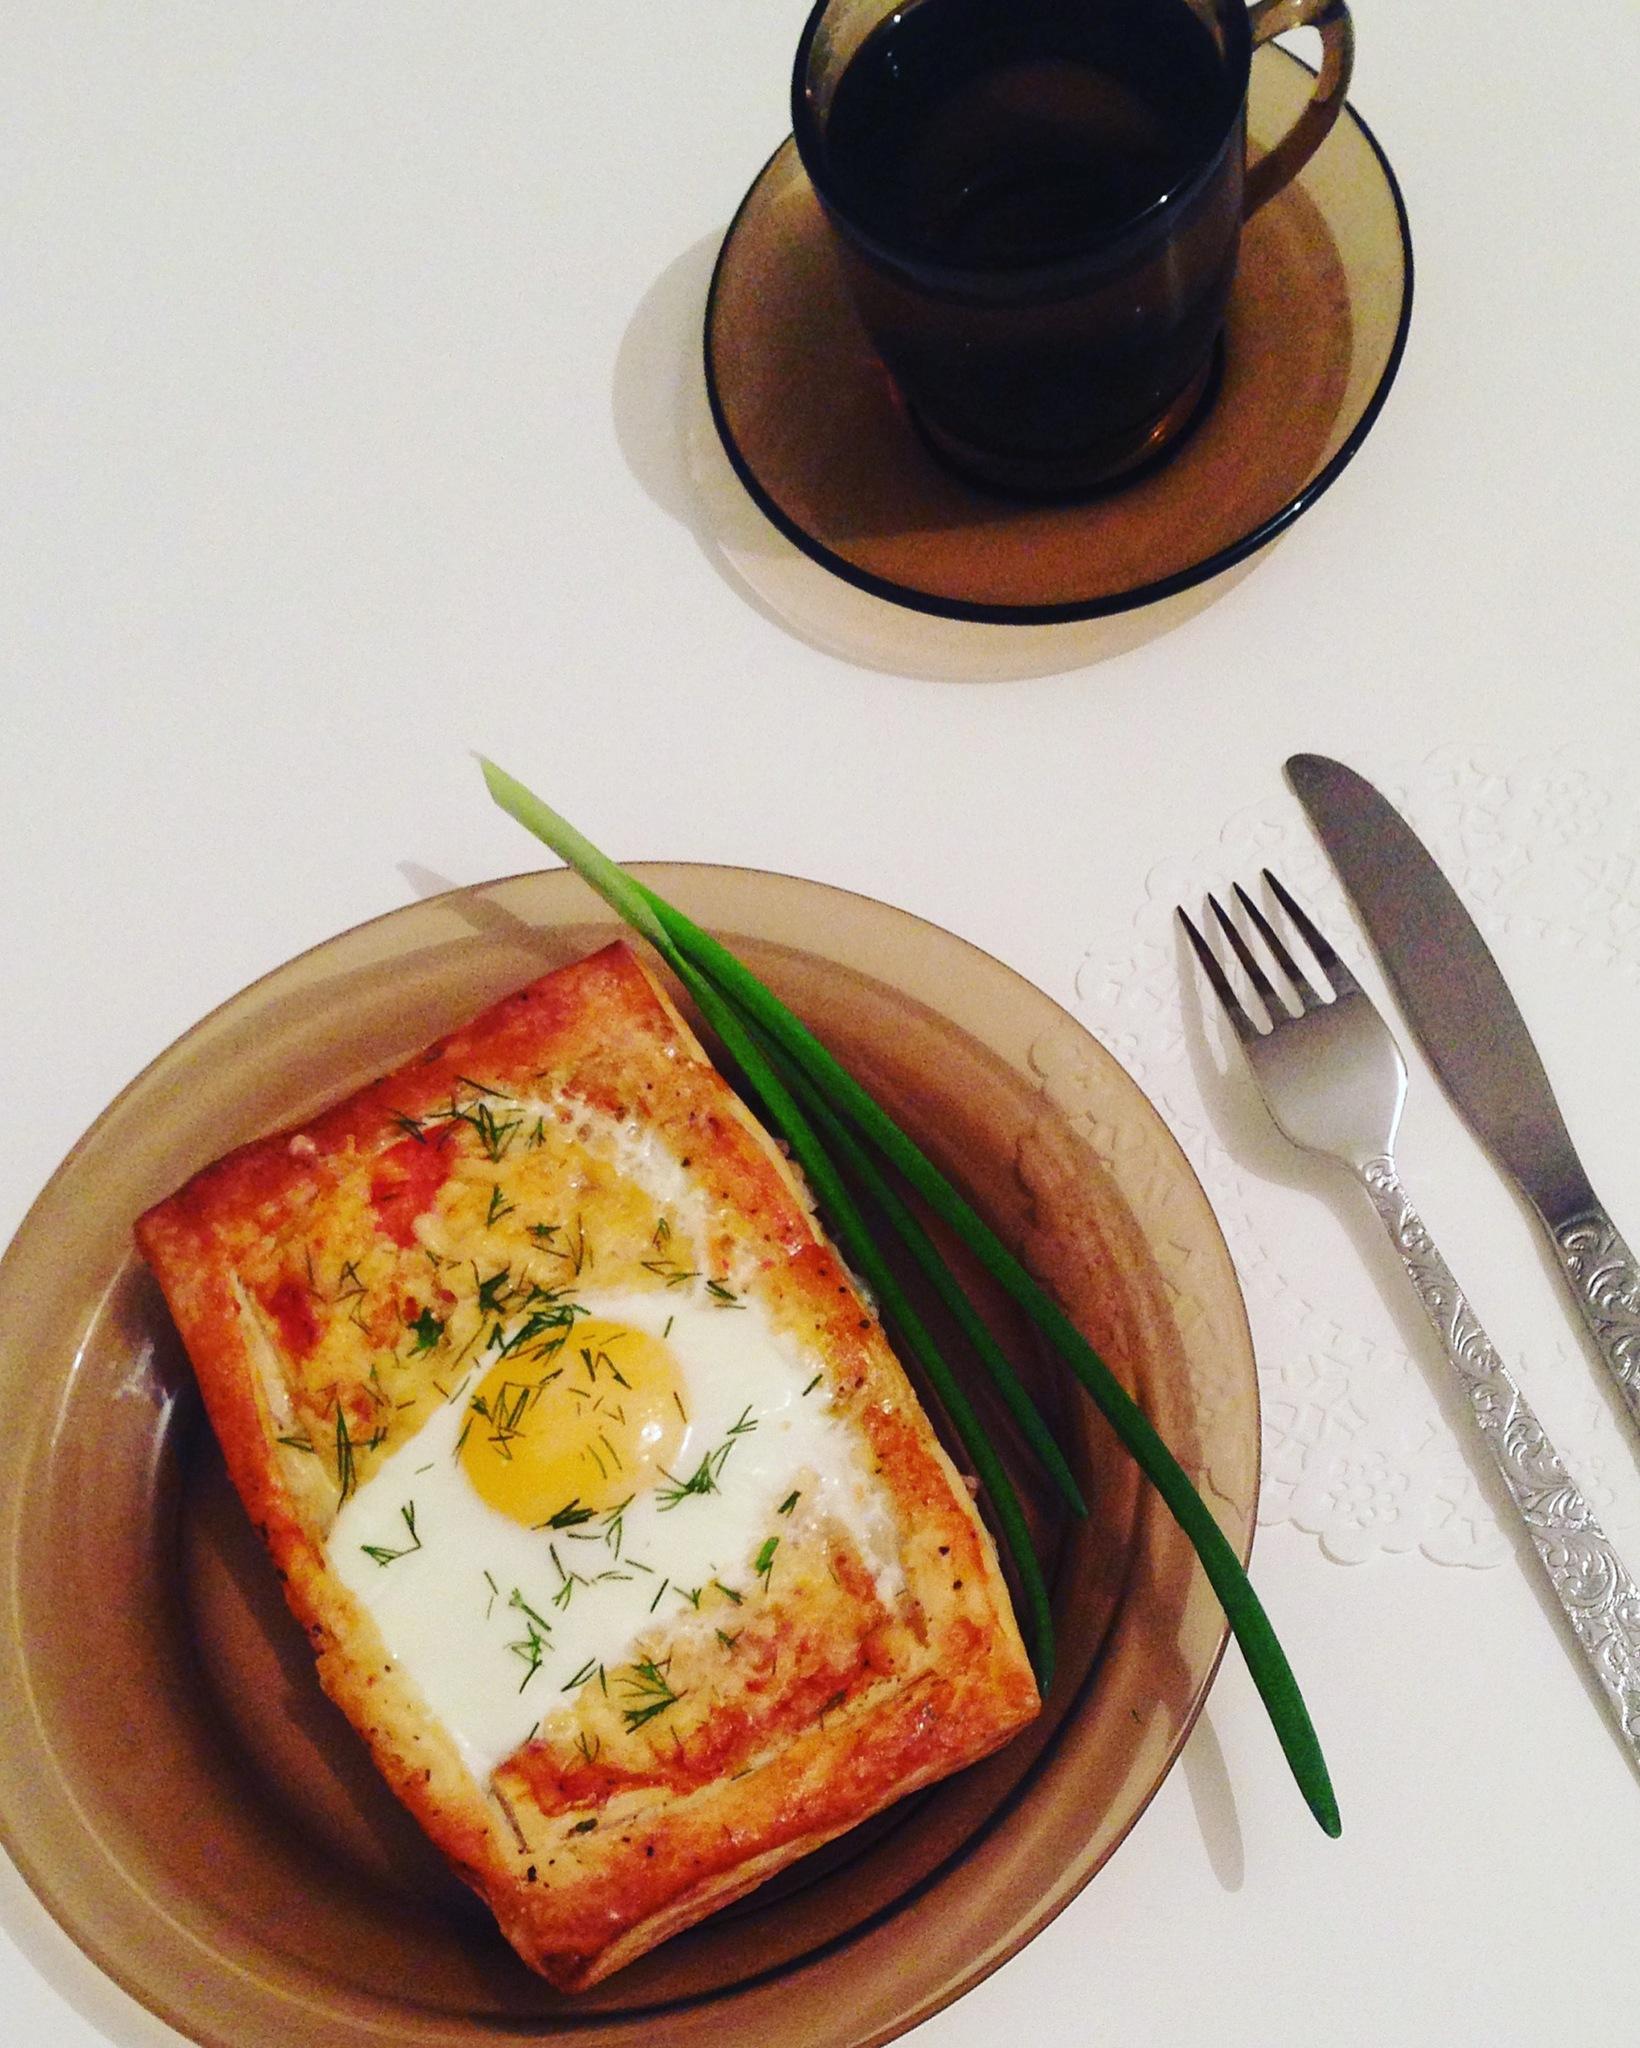 Диета Завтрак Яичница. Пп завтраки для похудения: 15 вкусных рецептов с фото и кбжу